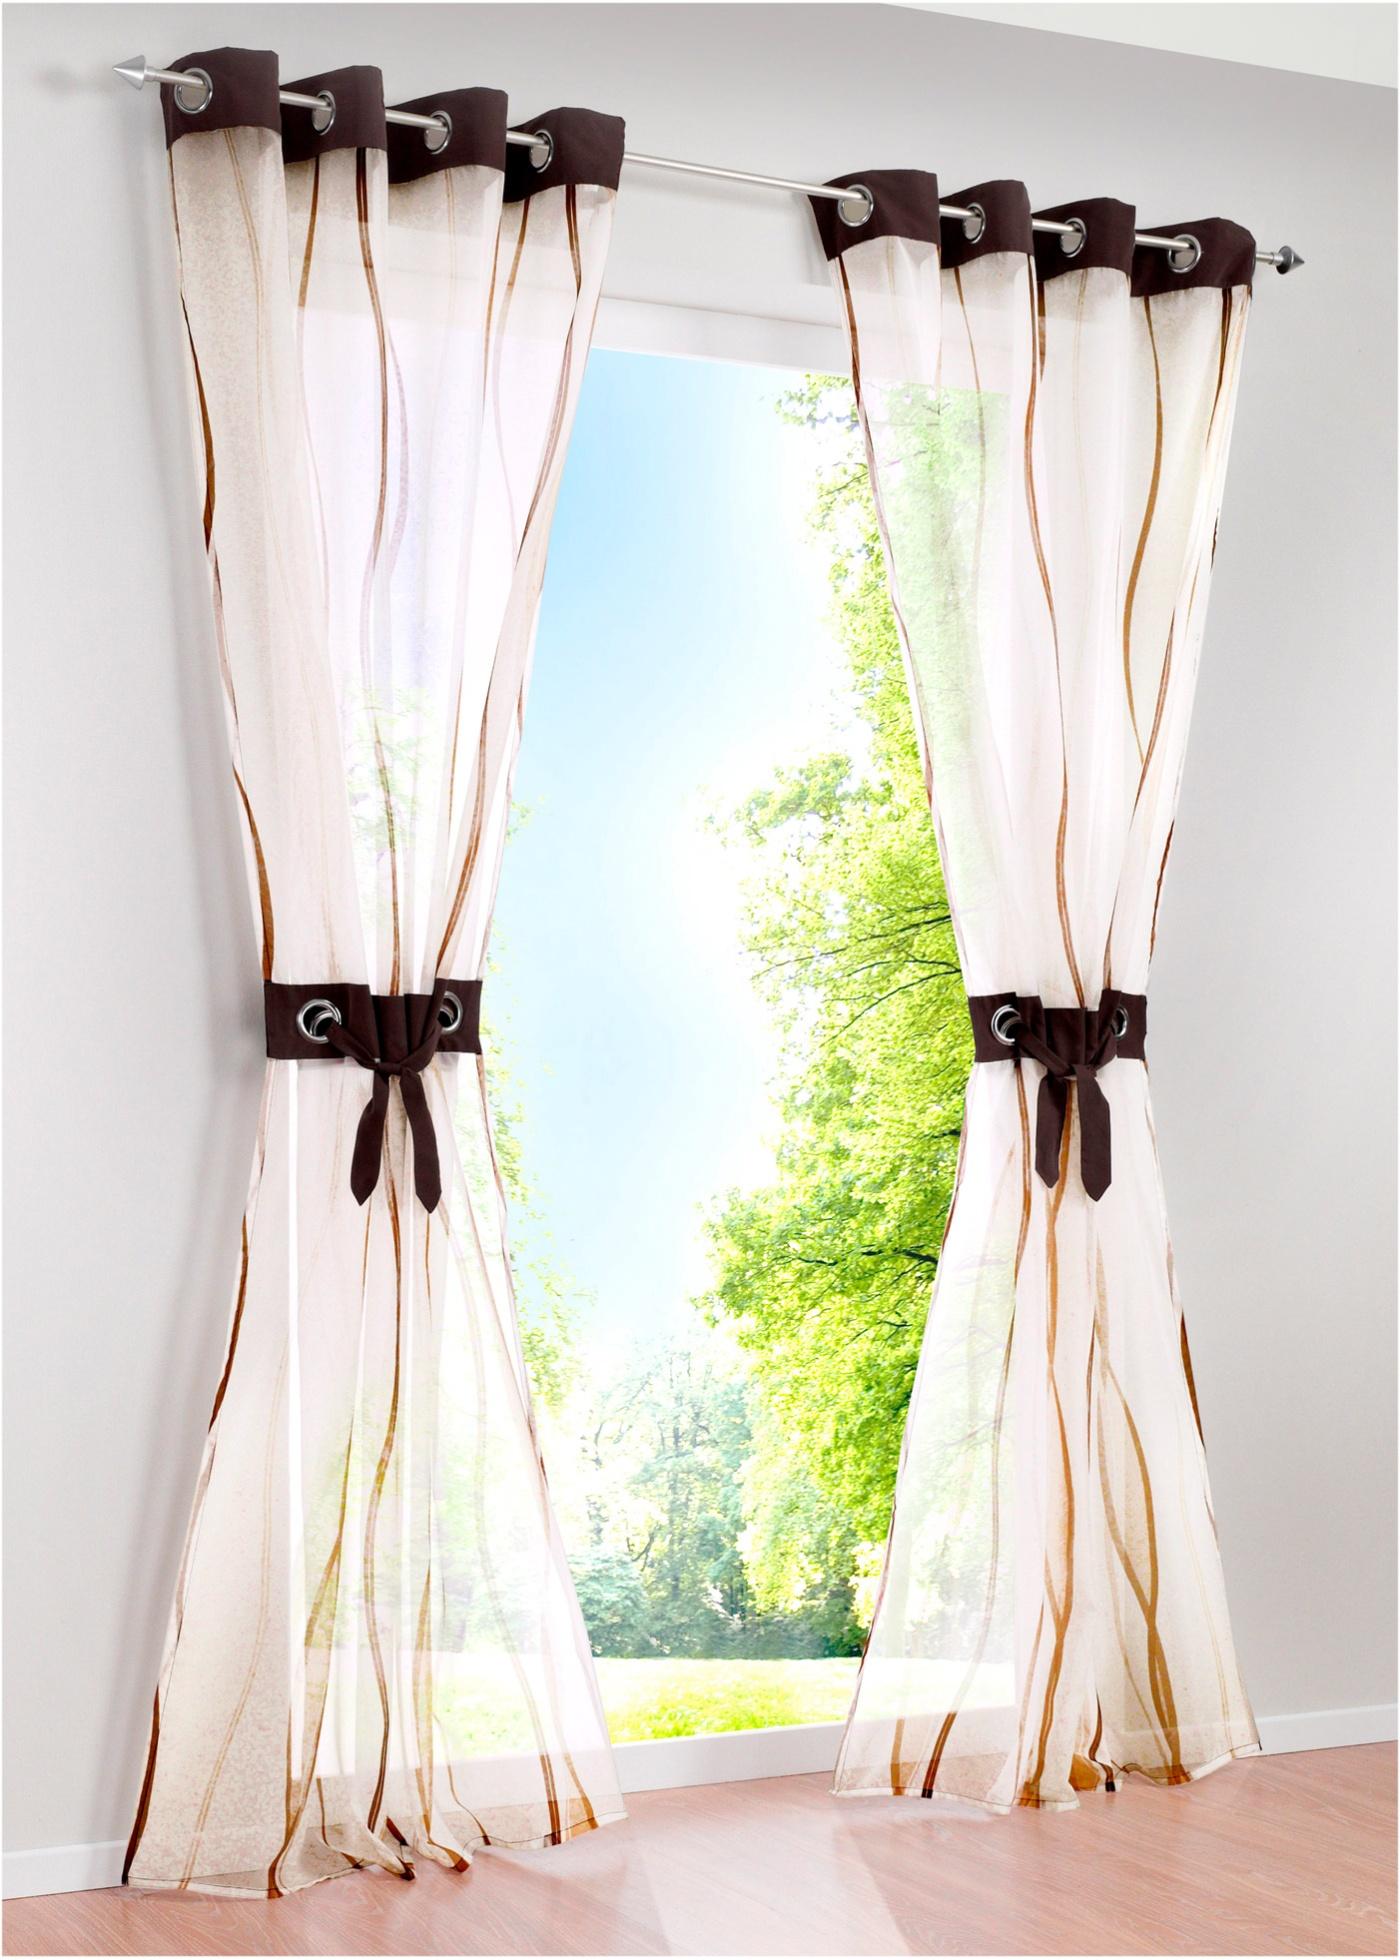 rideaux stores voilage pas cher achat vente maison et jardin discount. Black Bedroom Furniture Sets. Home Design Ideas